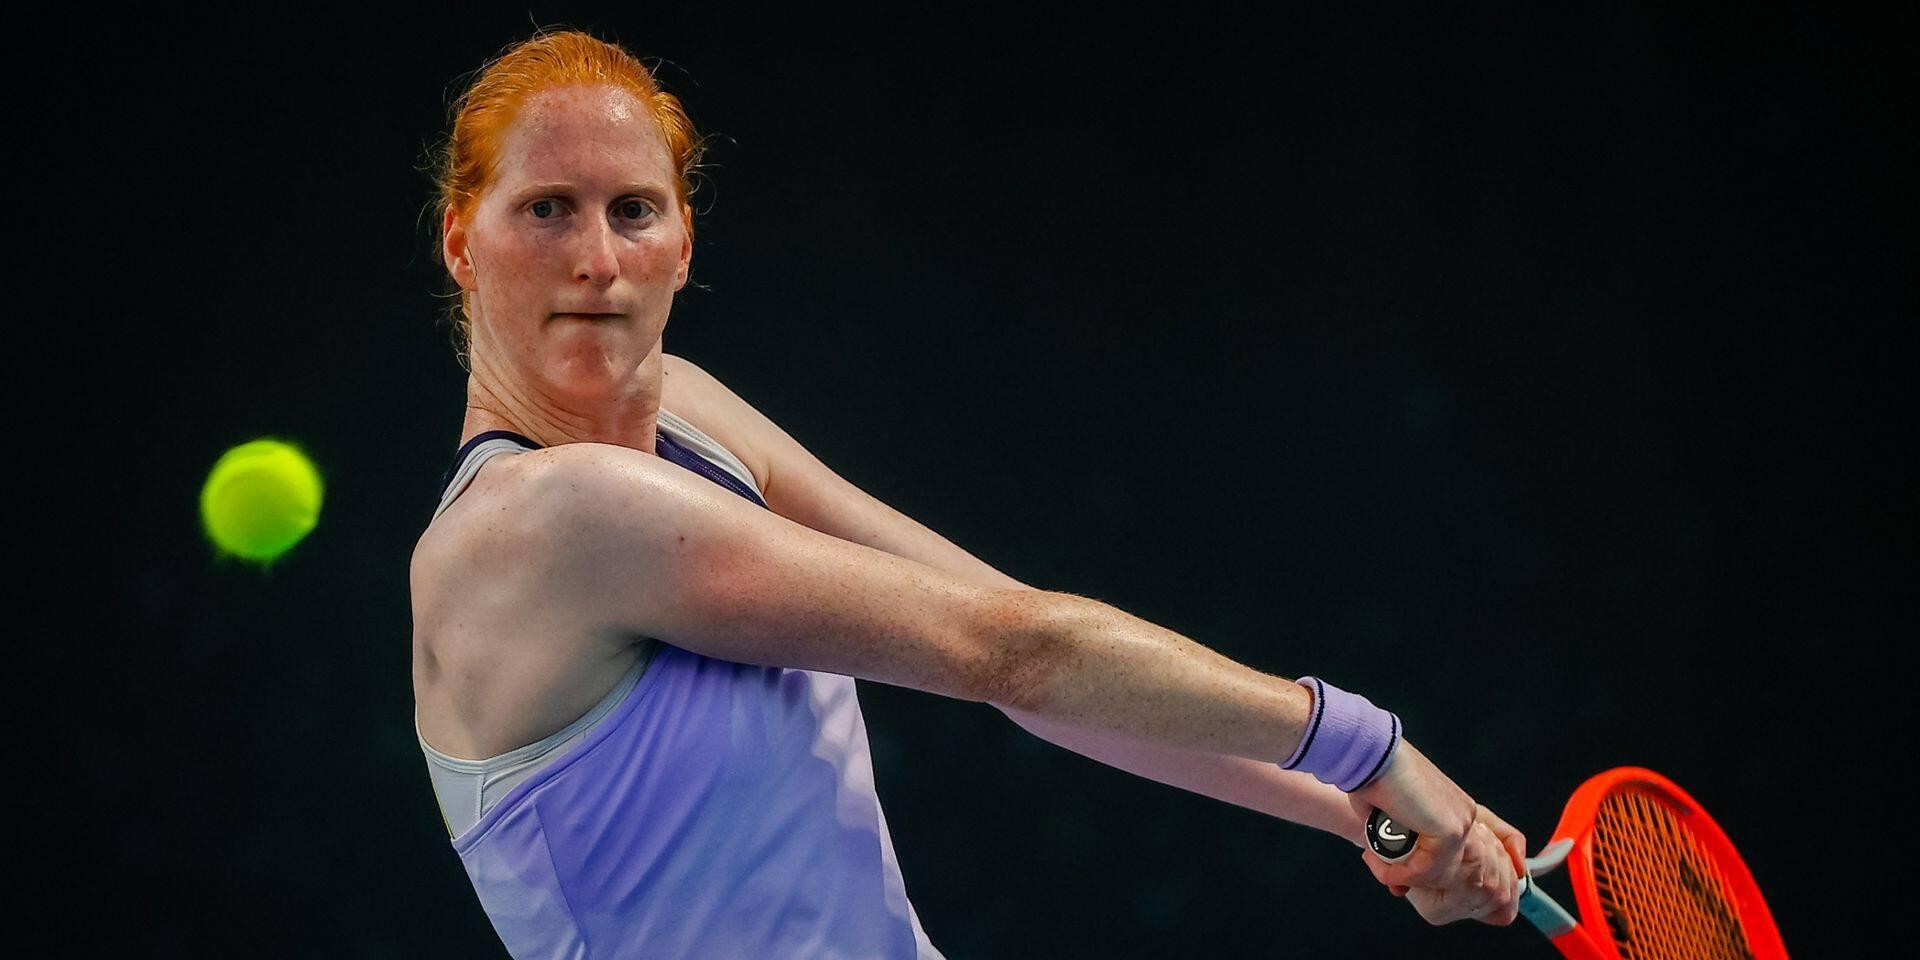 Alison Van Uytvanck retrouve la 55e place au classement WTA après son succès à Nur-Sultan